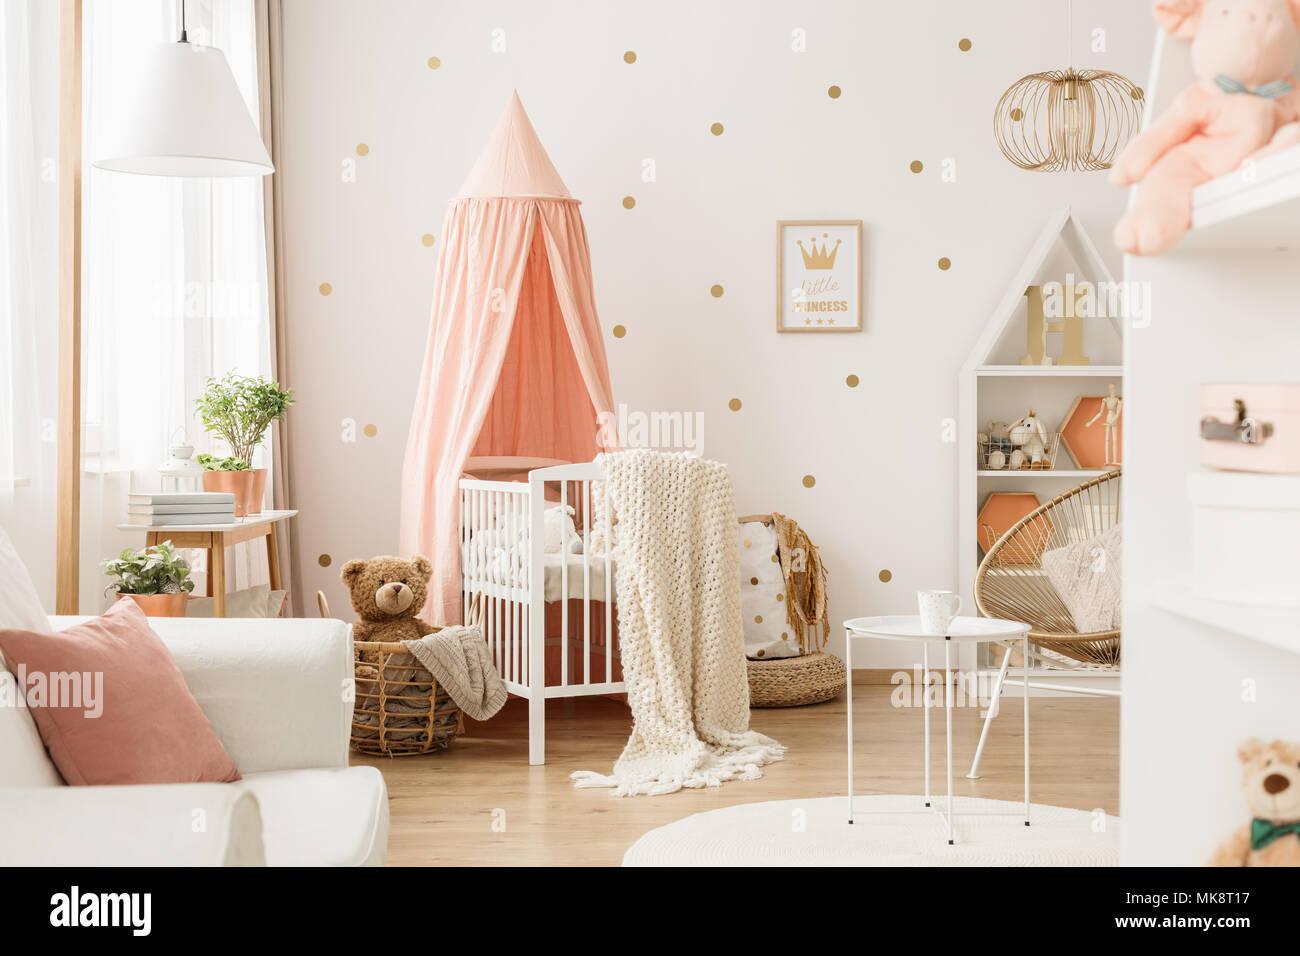 Helle Kinderzimmer Einrichtung Mit Weissen Krippe Dekoration Poster